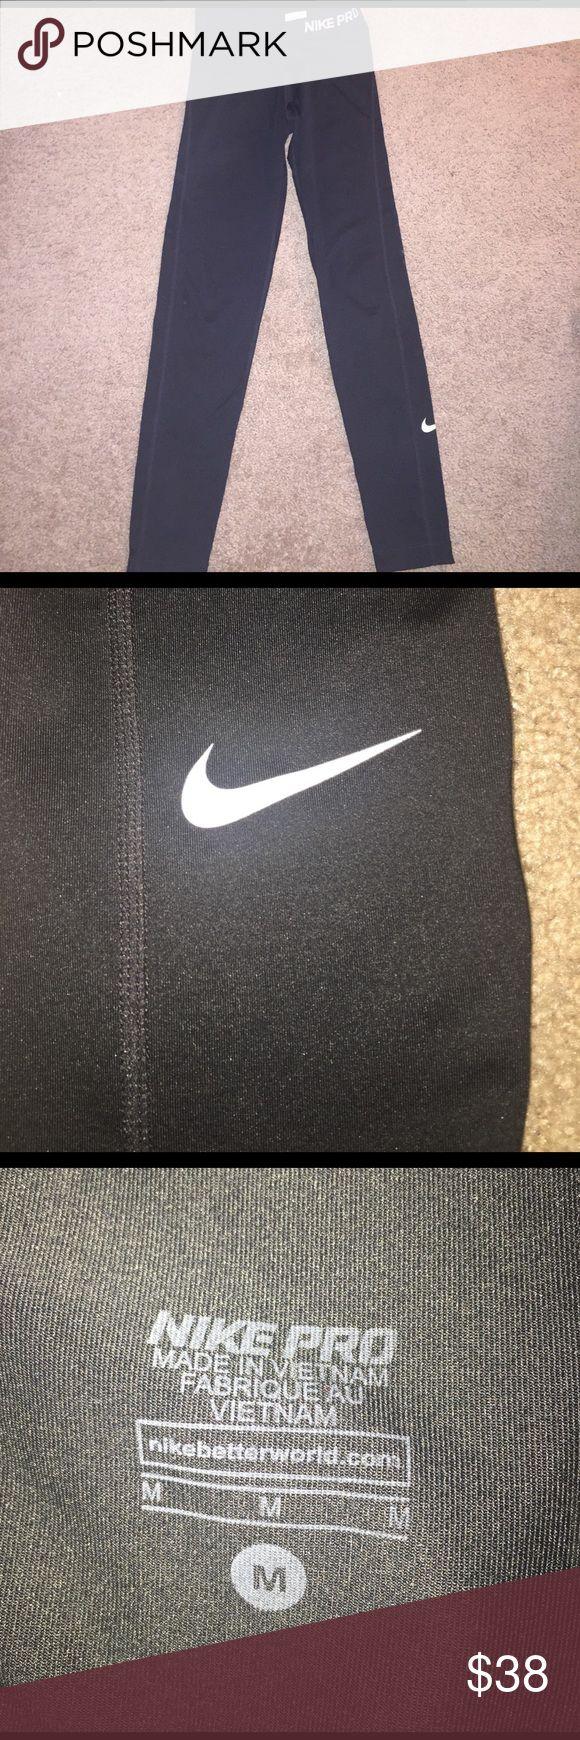 Women's Nike Pro Dri-fit Pants Excellent condition women's Nike pro dri fit pants! Nike Pants